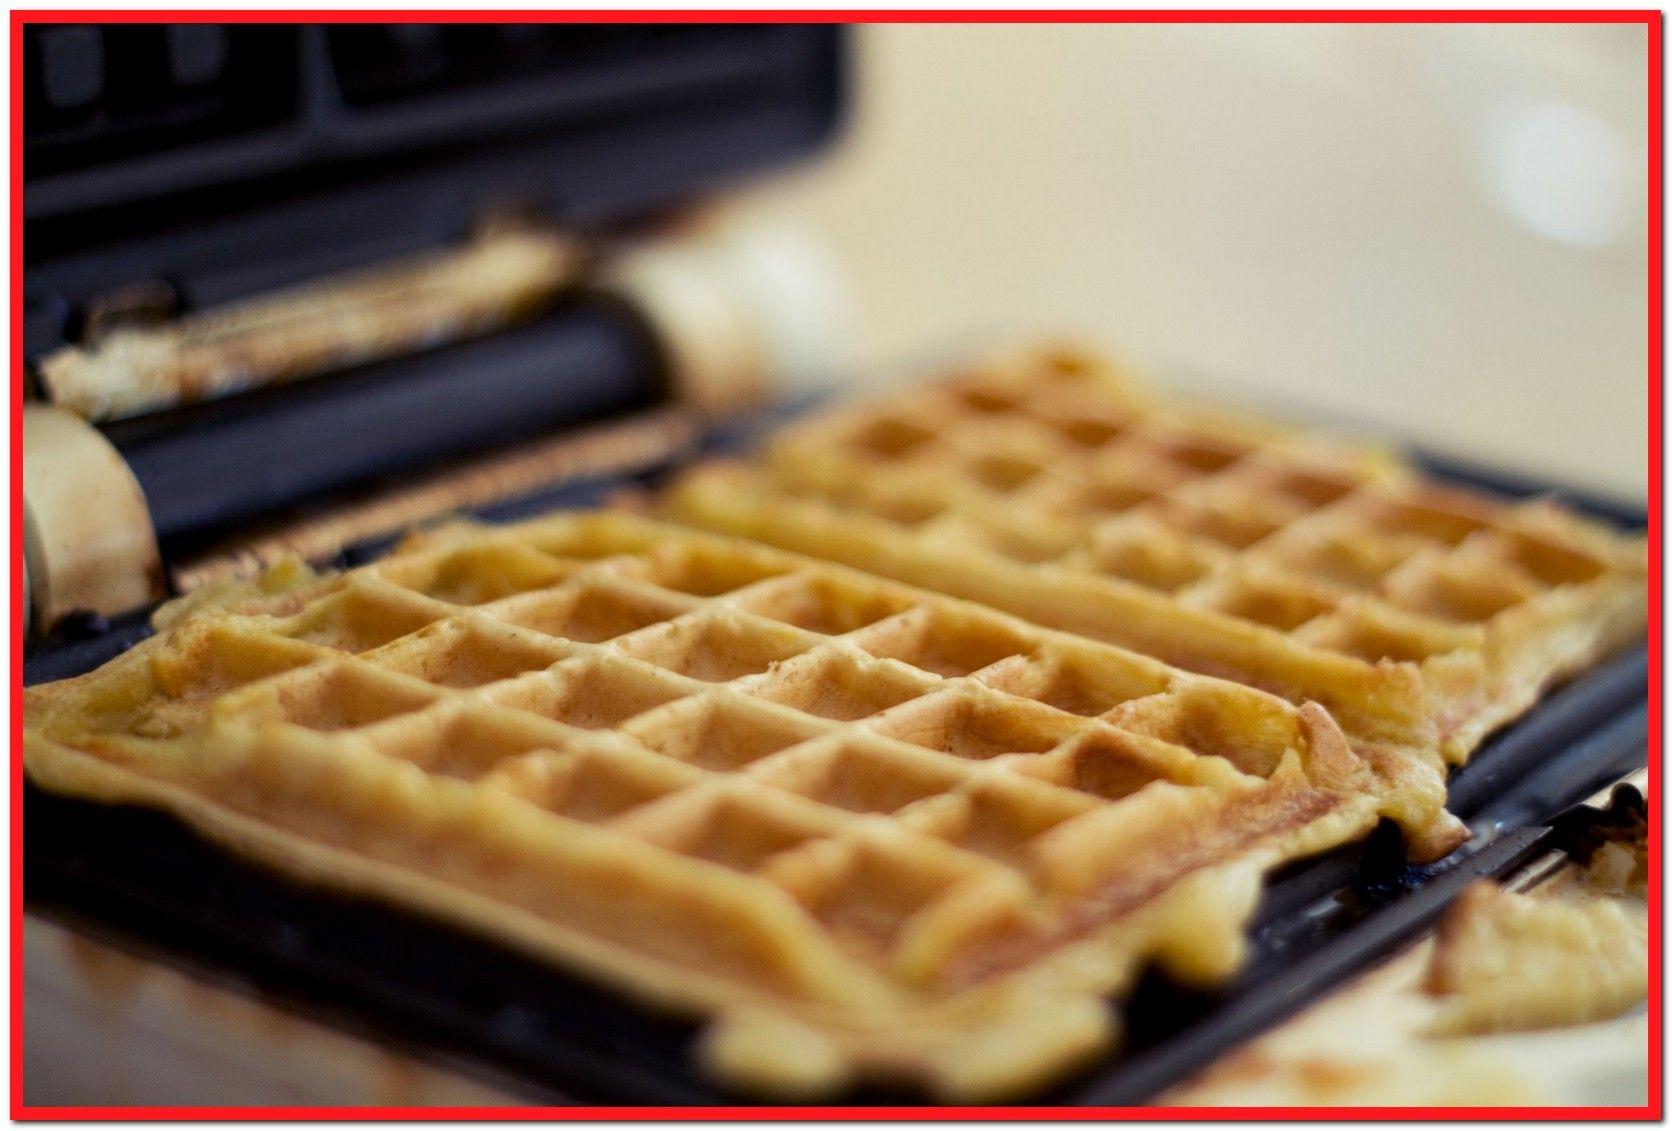 40 Reference Of Basic Waffle Recipe Uk In 2020 Waffle Recipes Homemade Waffles Belgian Waffles